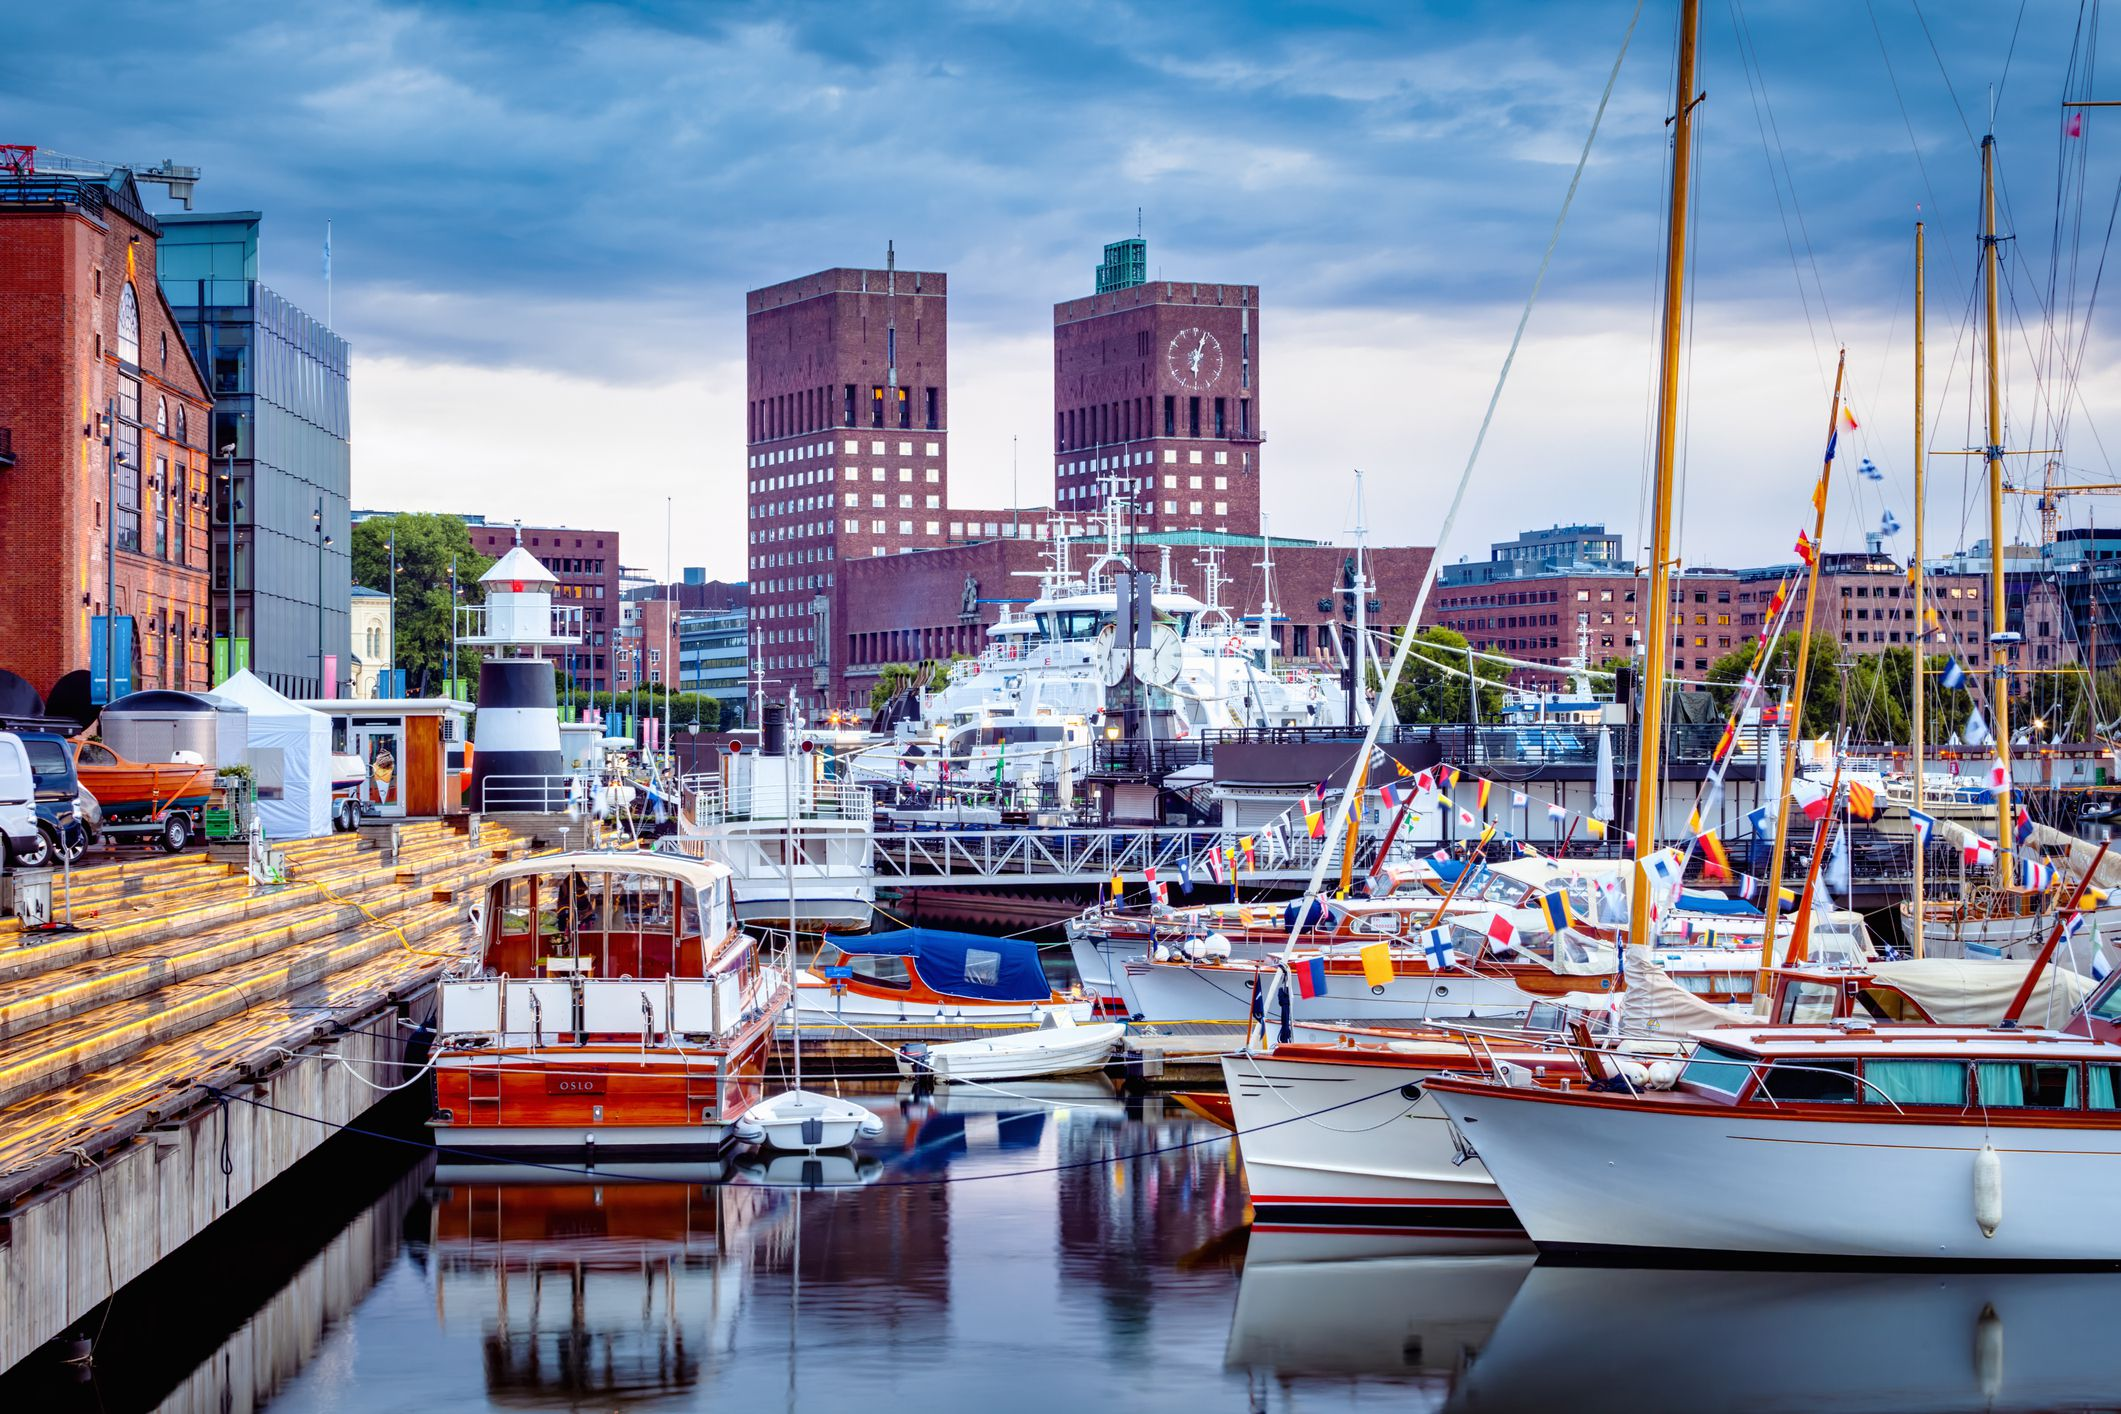 Ayuntamiento de Oslo desde Aker Brygge Marina - Oslo, Noruega